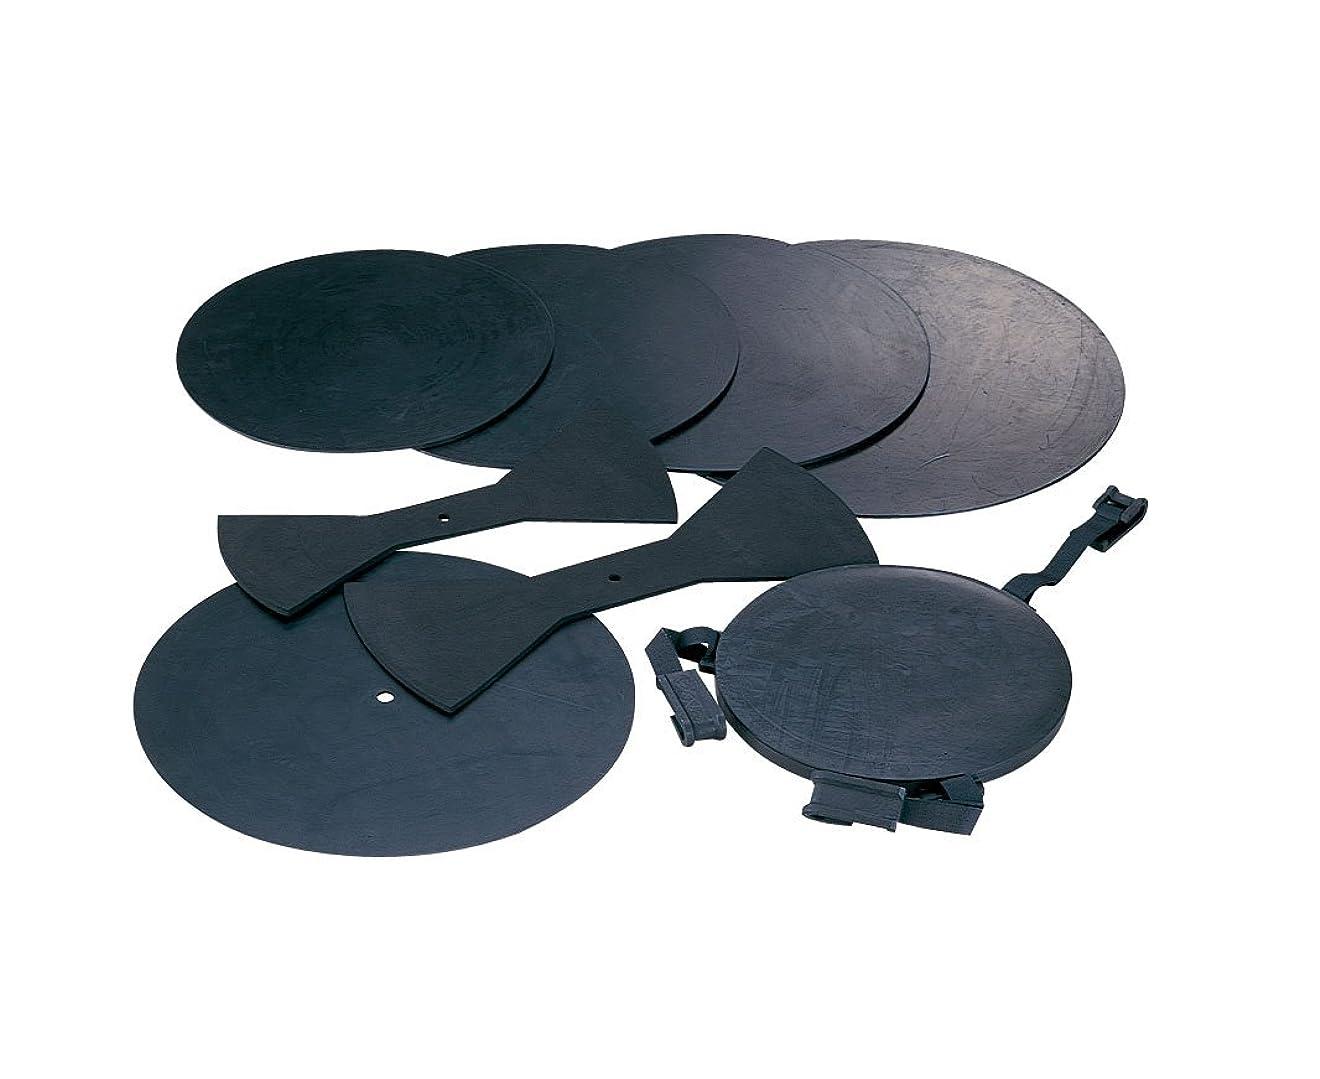 変換契約する便益MAXTONE ドラム用ミュート 消音パット 8点セット DP-8 ブラック